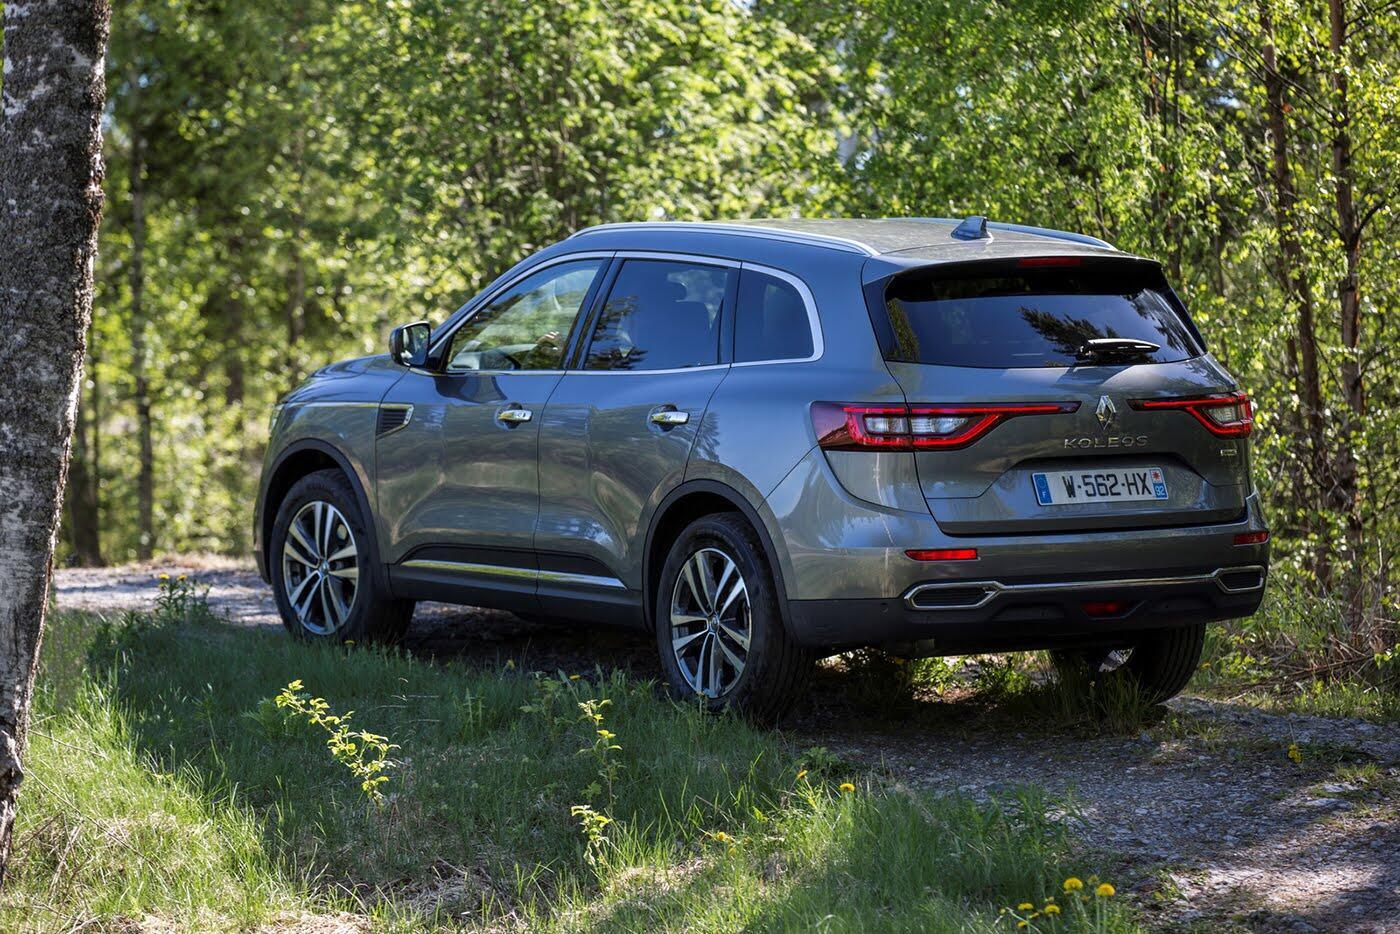 Xem thêm ảnh Renault Koleos 2017 - Hình 5